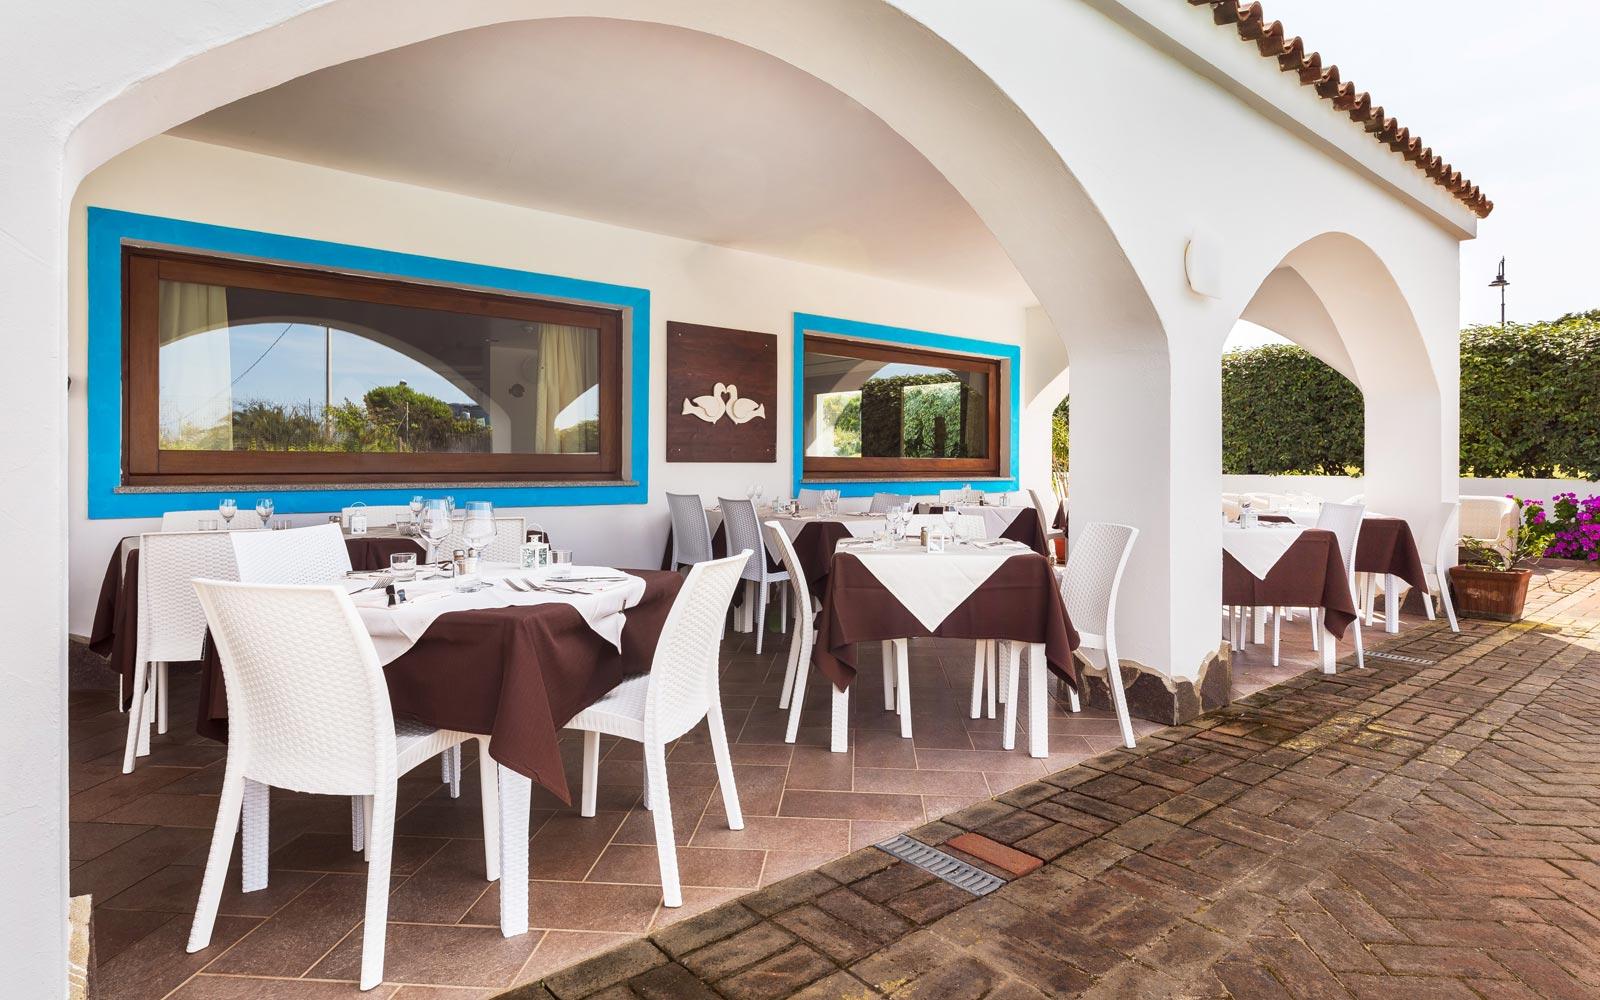 Restaurant Exterior at Hotel La Funtana